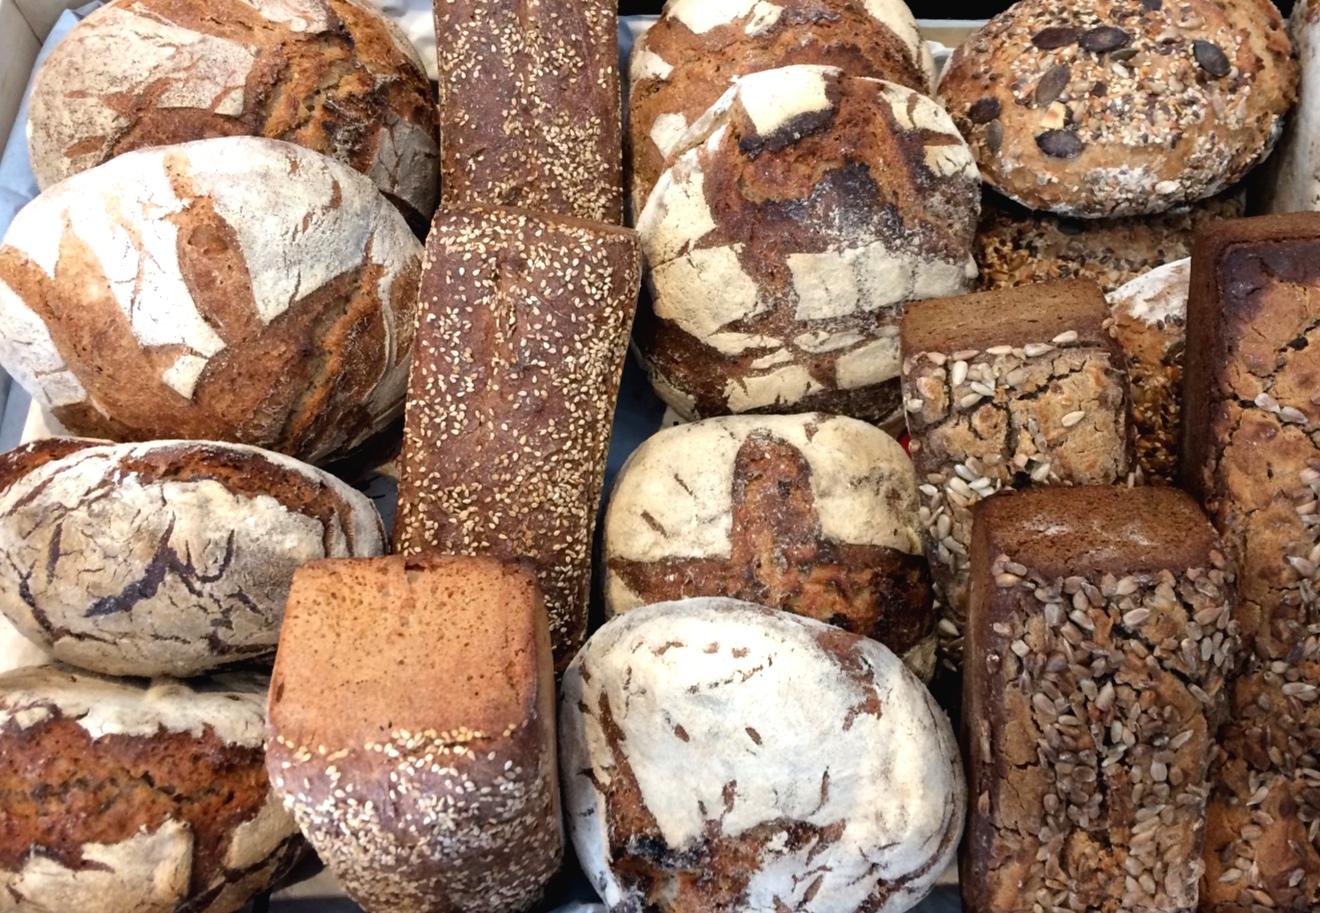 Image des appétissants pains bio et local